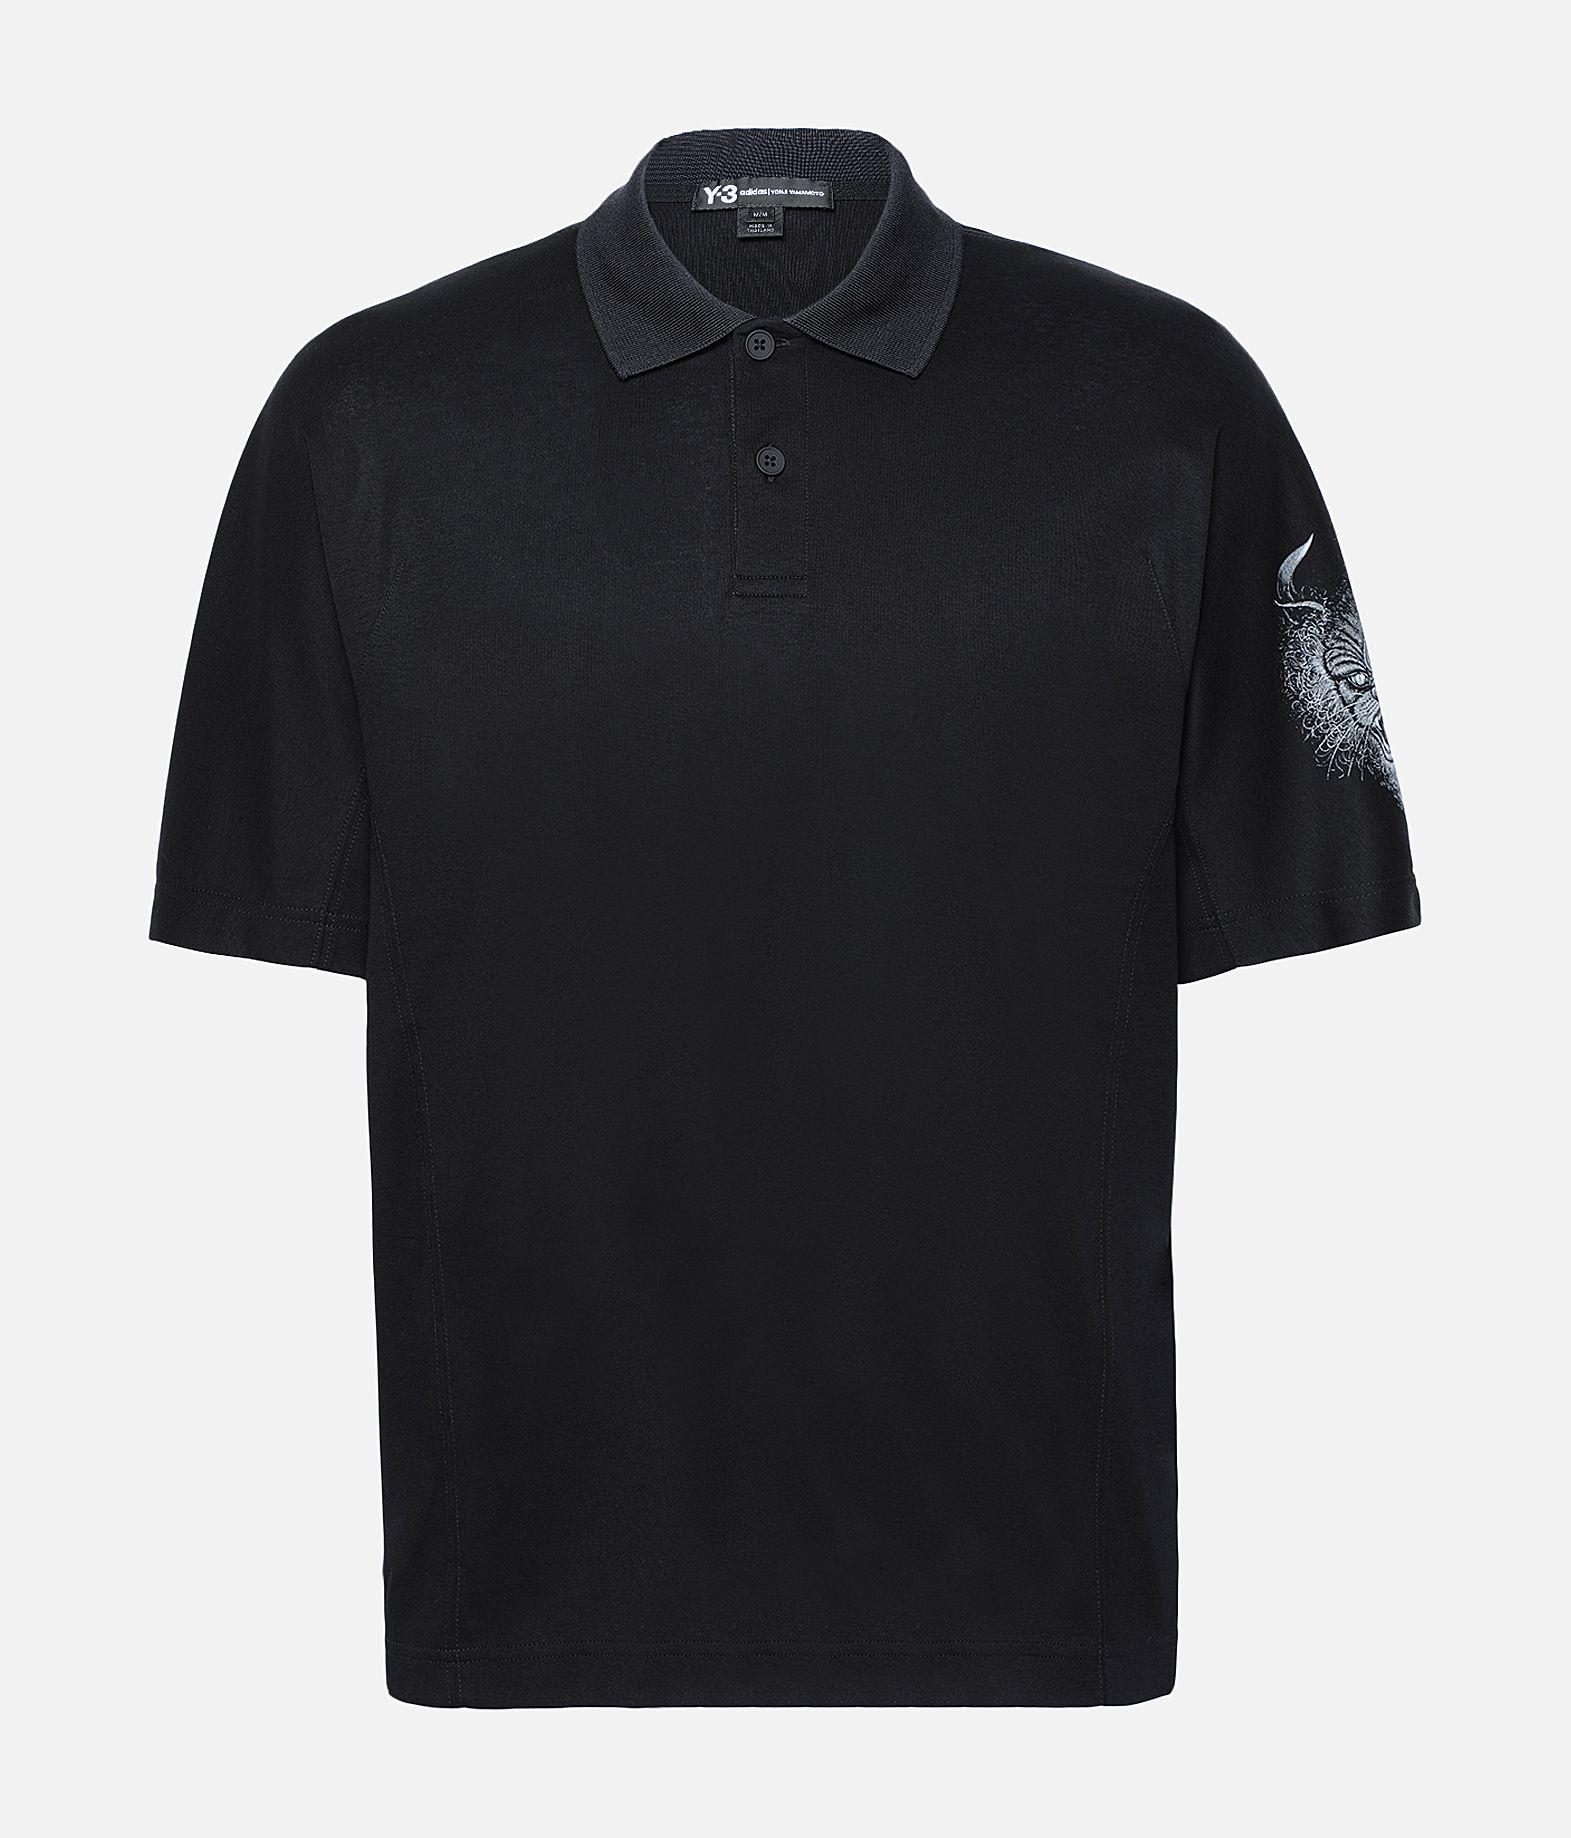 Y-3 Y-3 Short Sleeve Polo Shirt Polo Man f